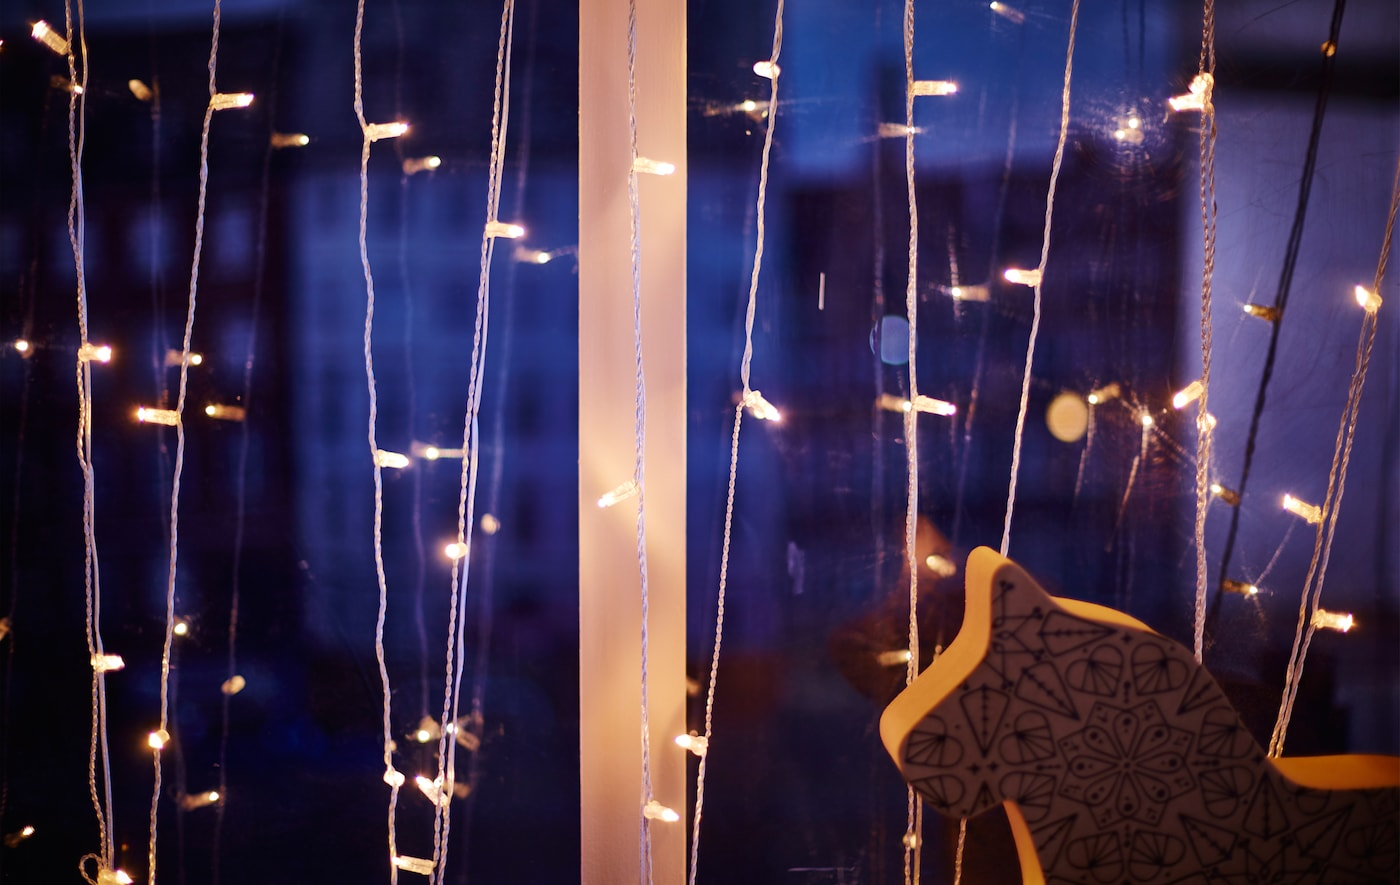 Nahaufnahme eines weißen, baumförmigen Kerzenständers auf einer Fensterbank.